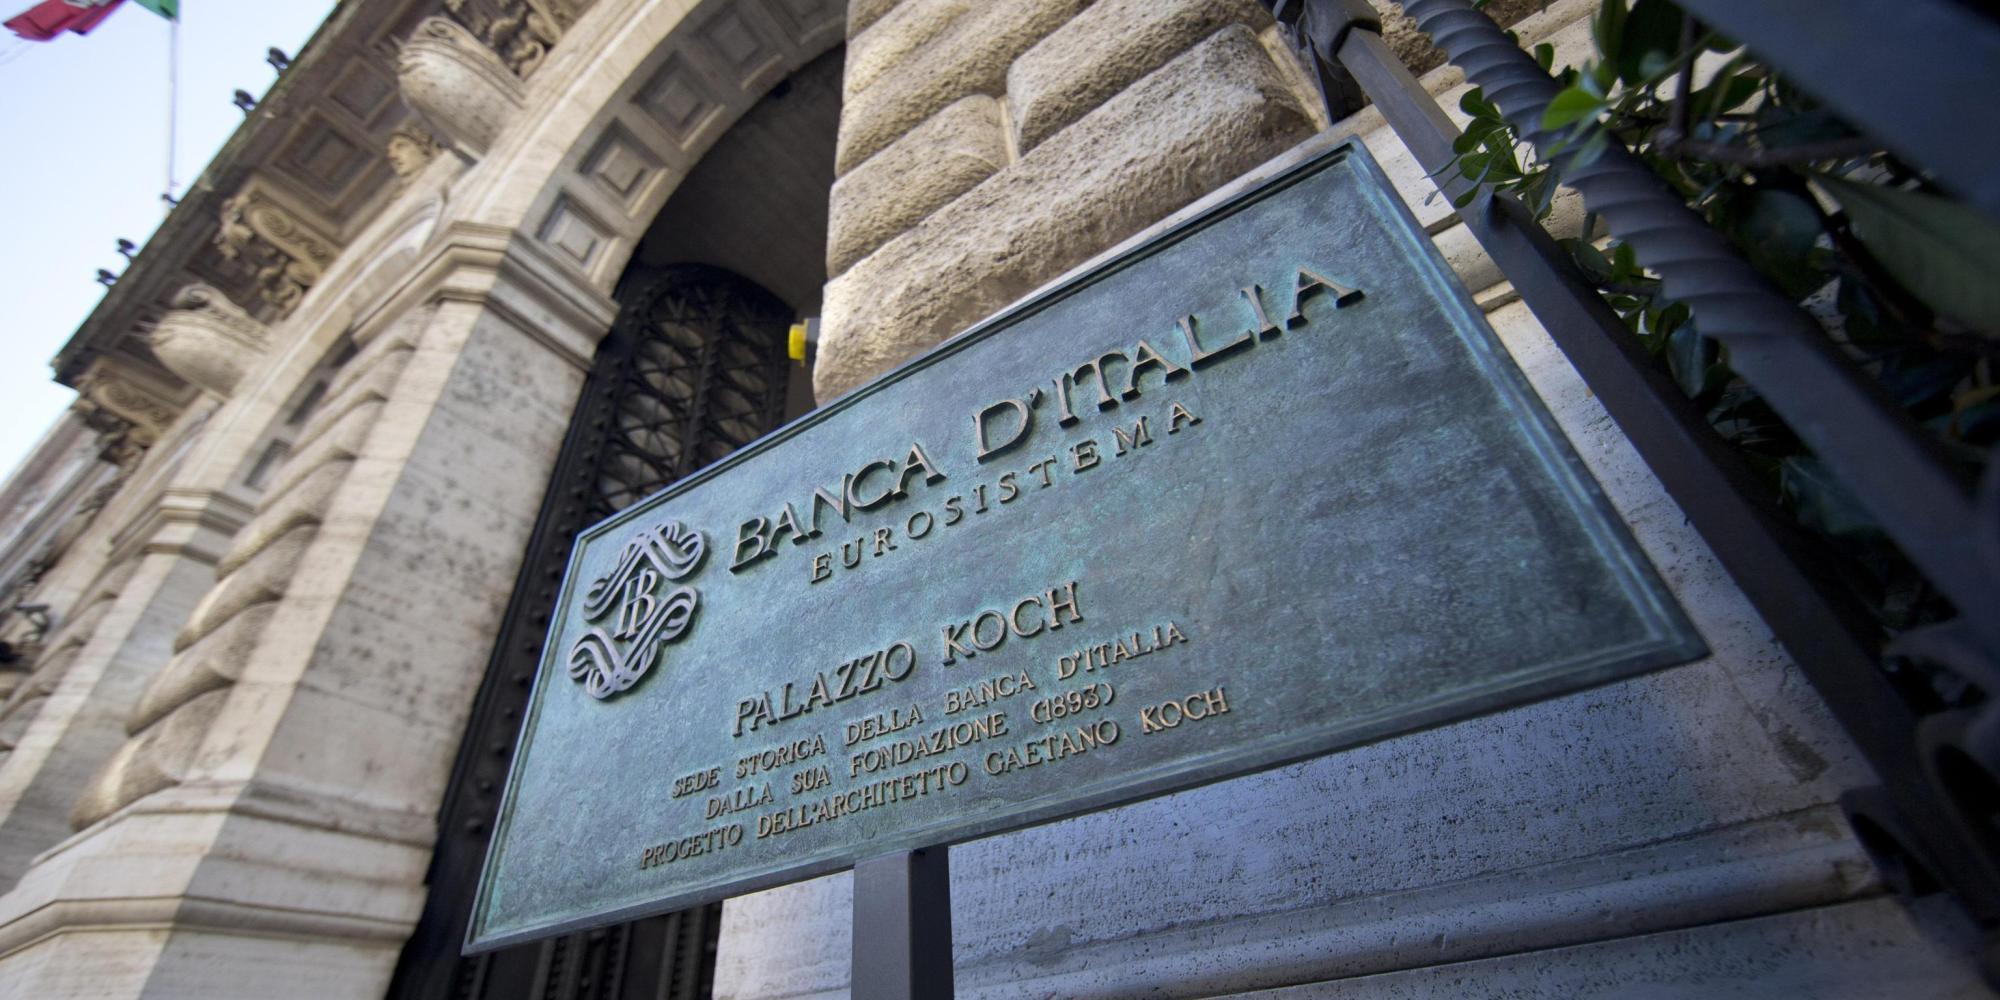 Cronache nazionali: il santuario di via Nazionale, Bankitalia al di sopra di polemiche e alternanze?